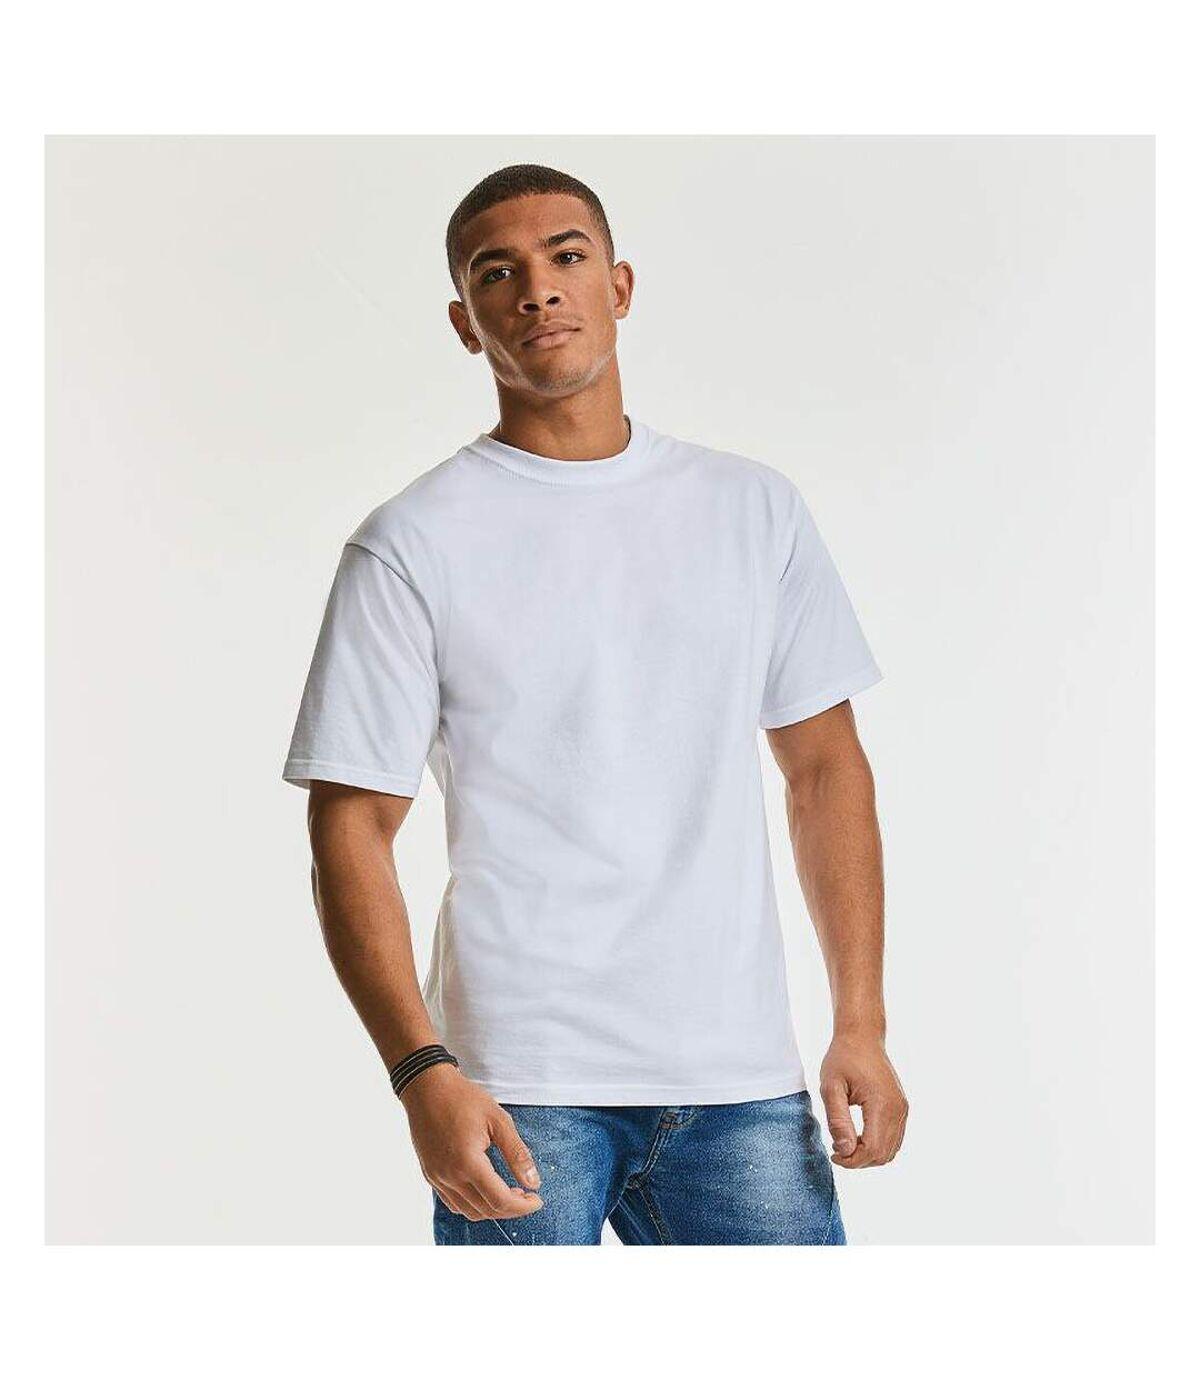 Russell Europe - T-shirt épais à manches courtes 100% coton - Homme (Blanc) - UTRW3276